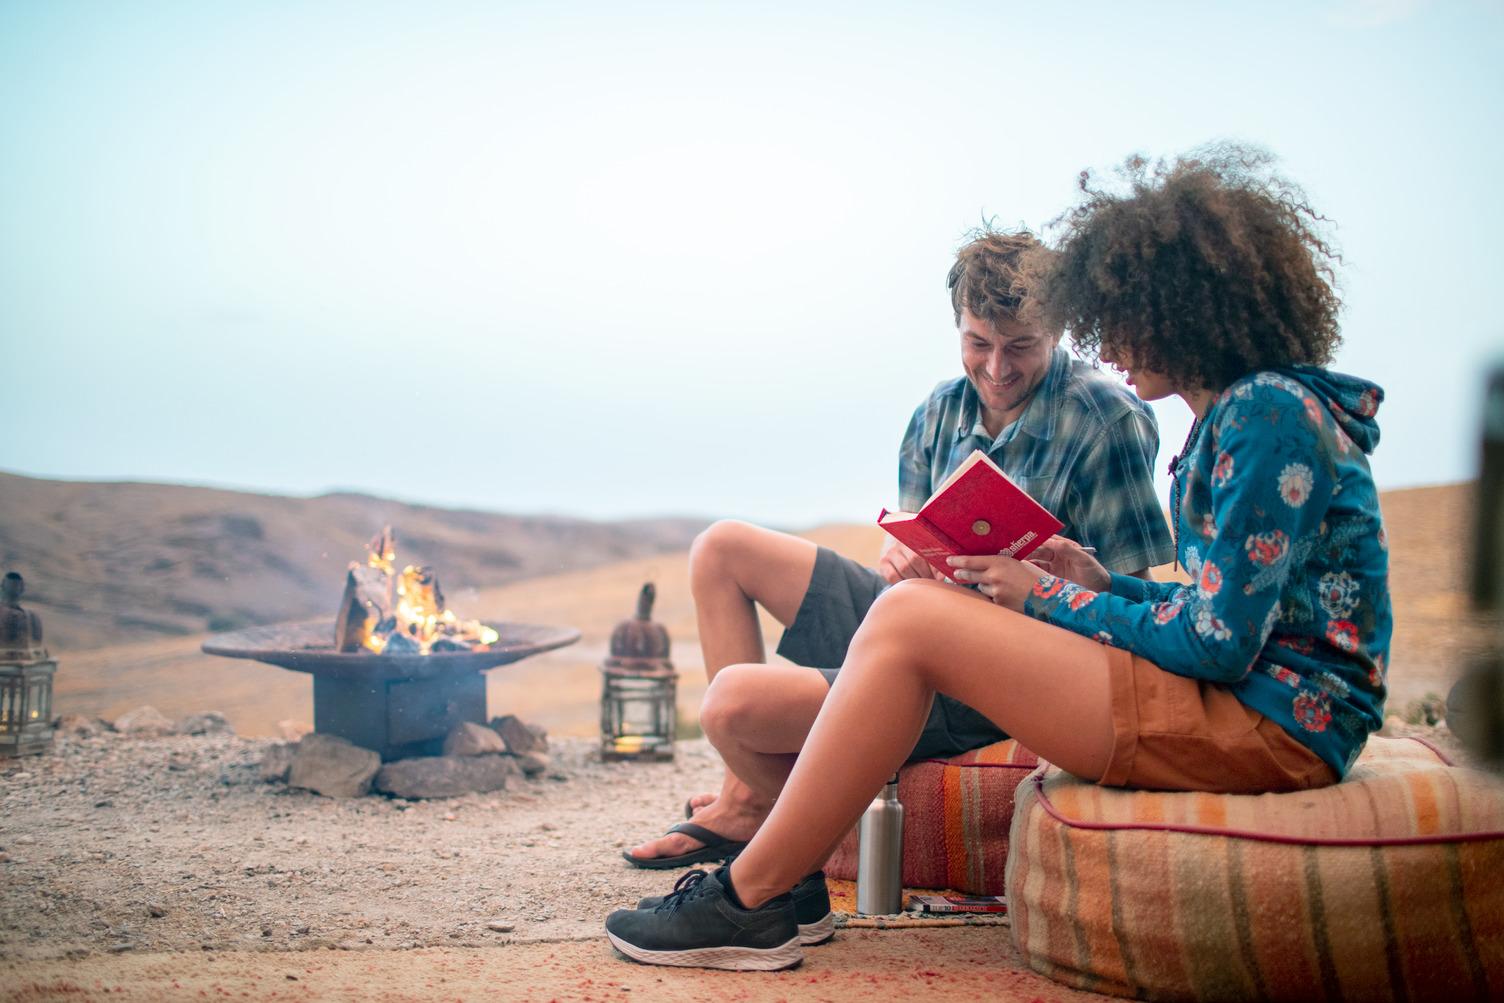 Marokko entdecken; ein Tagebuch hilft dir, deine Reise in Erinnerung zu behalten